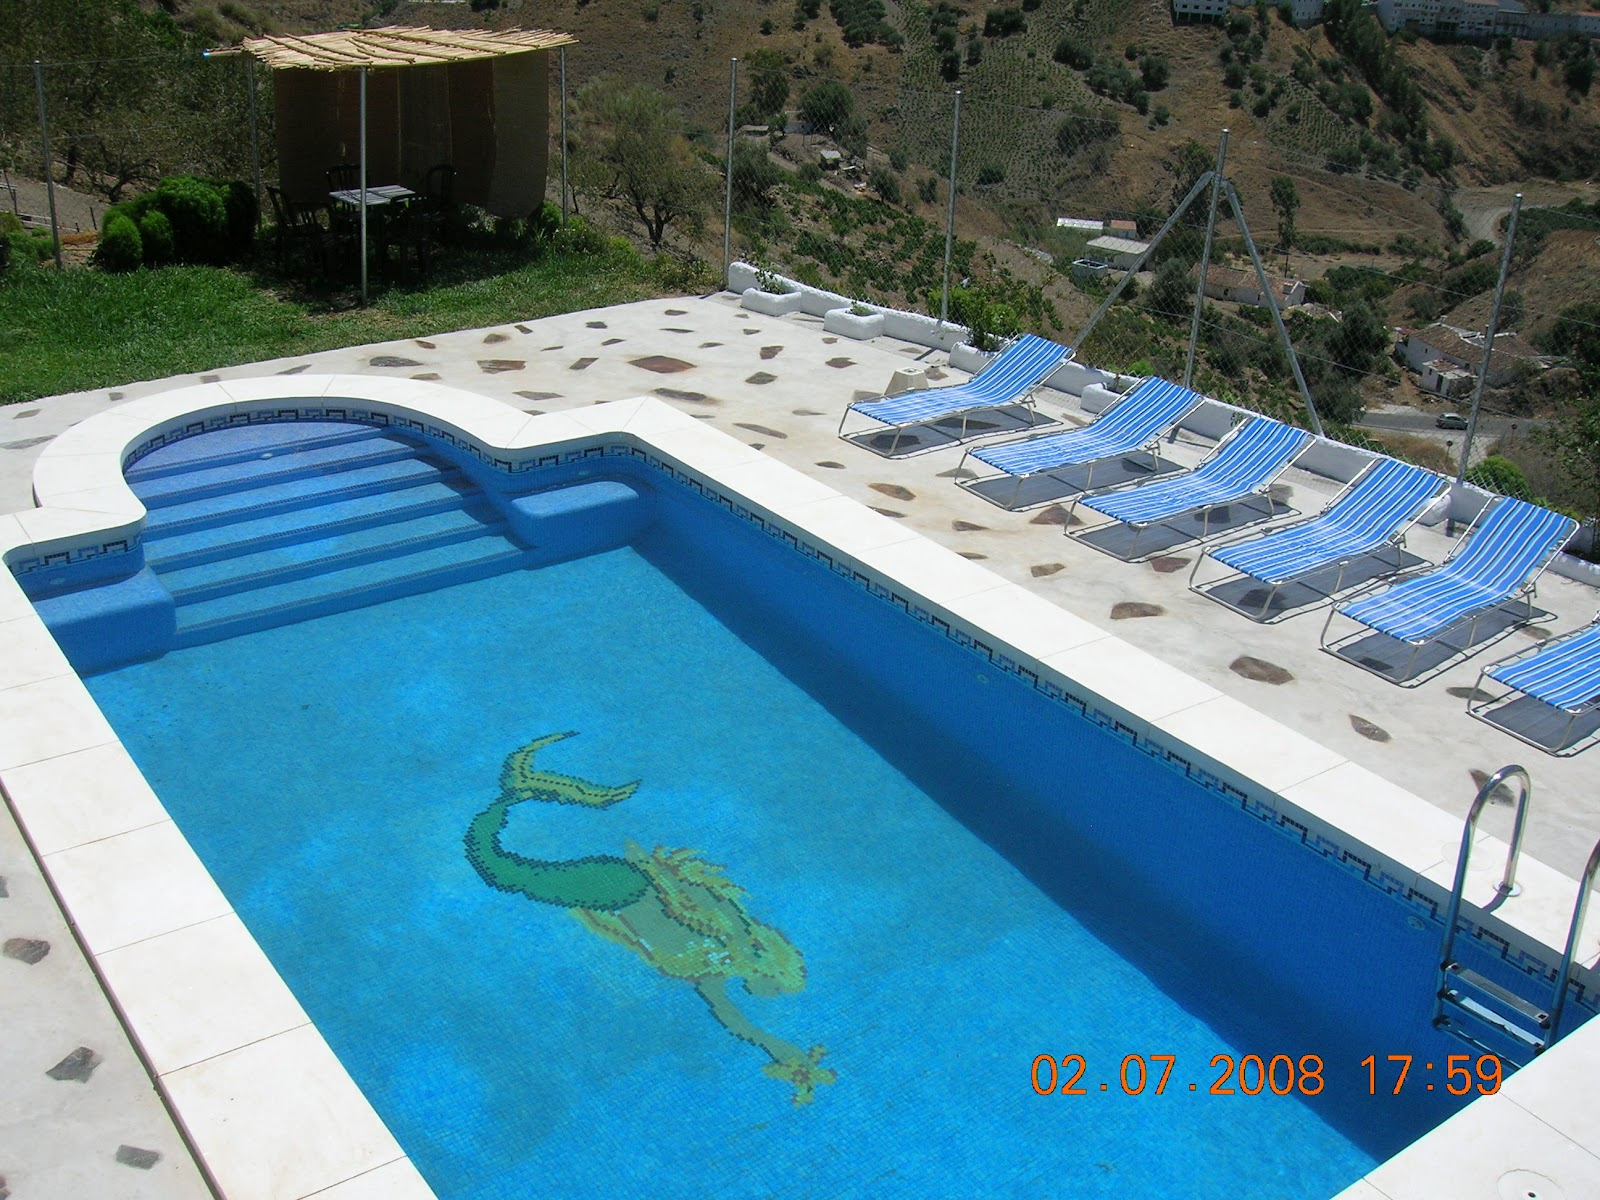 Casa villalba piscina con arco romano de 8x4m for Piscina villalba